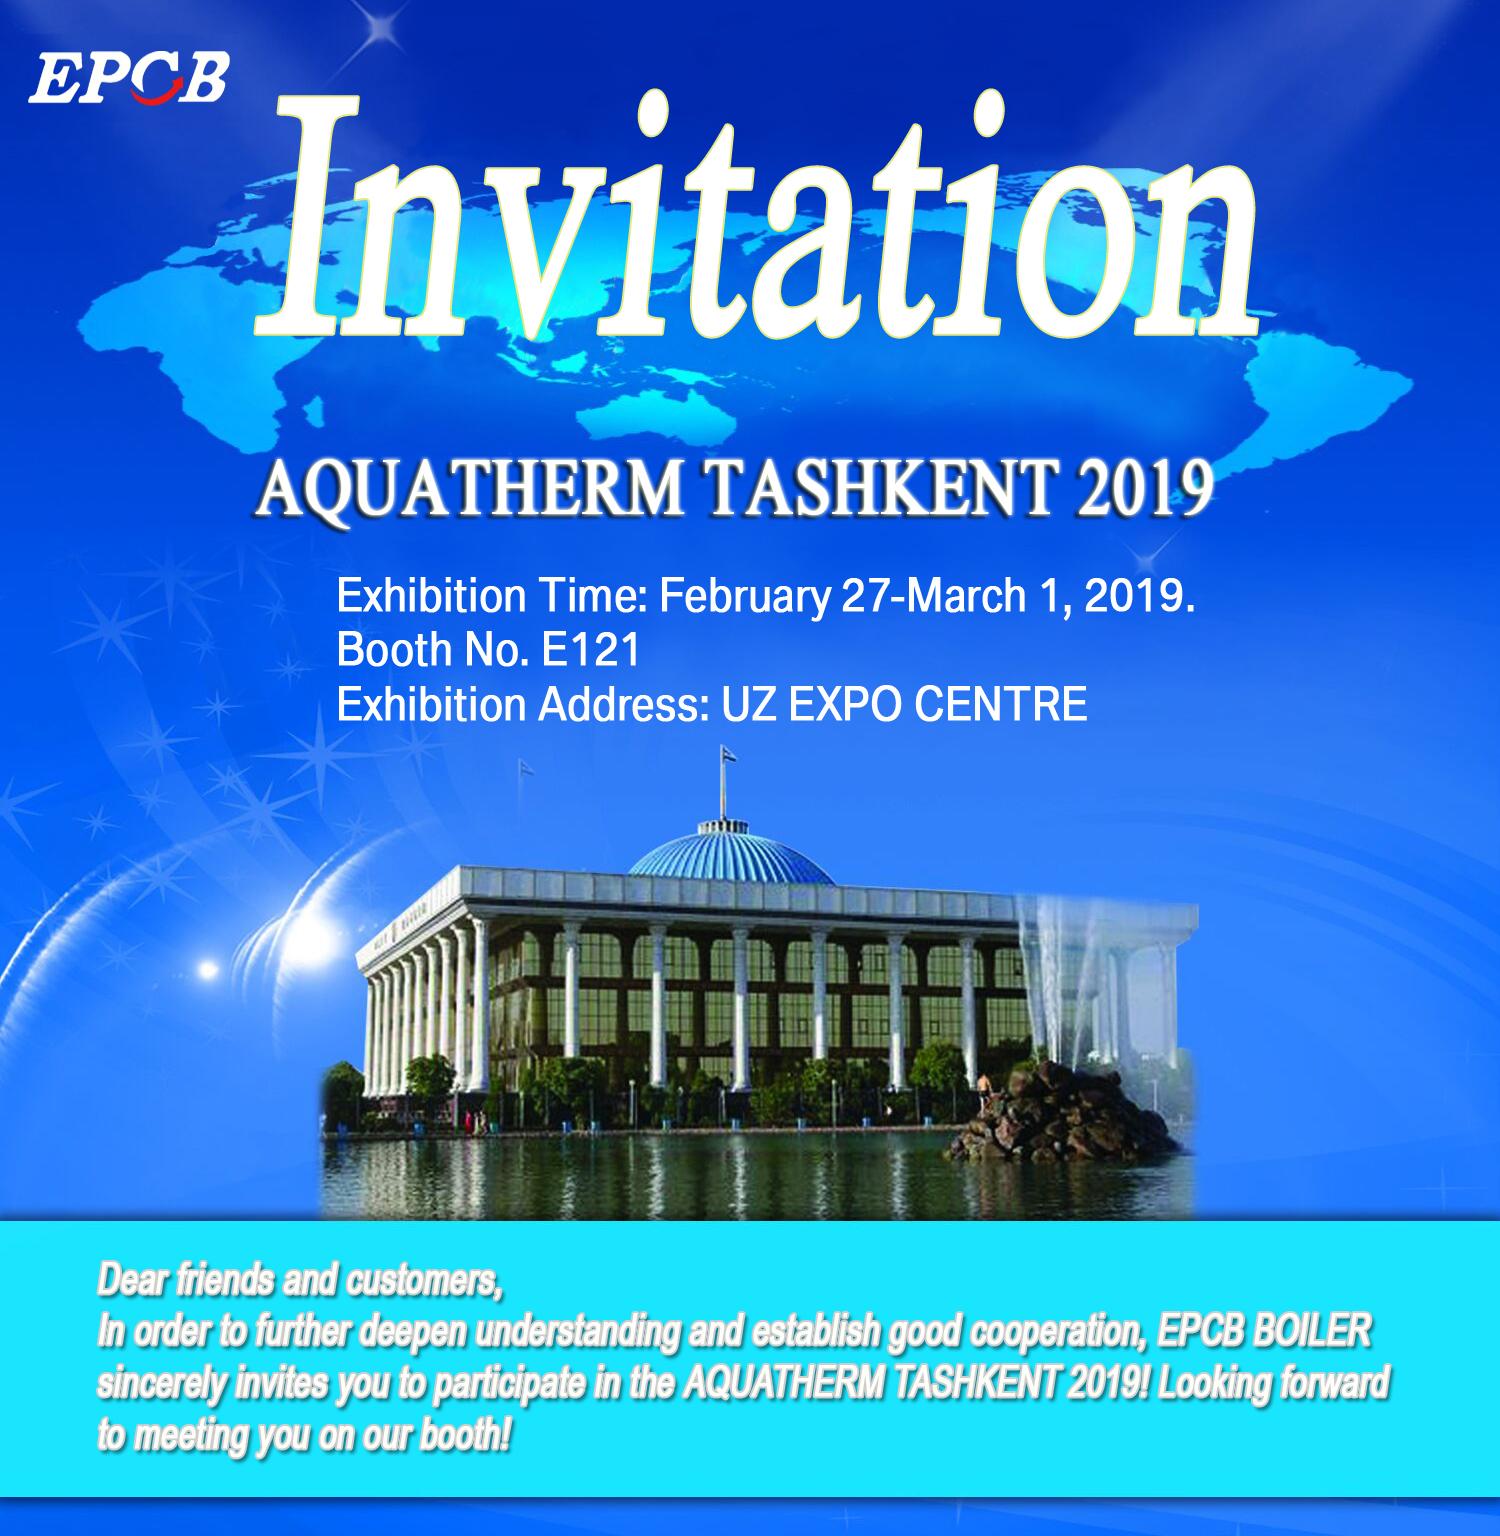 Boiler-Exhibition-Invitation-EN